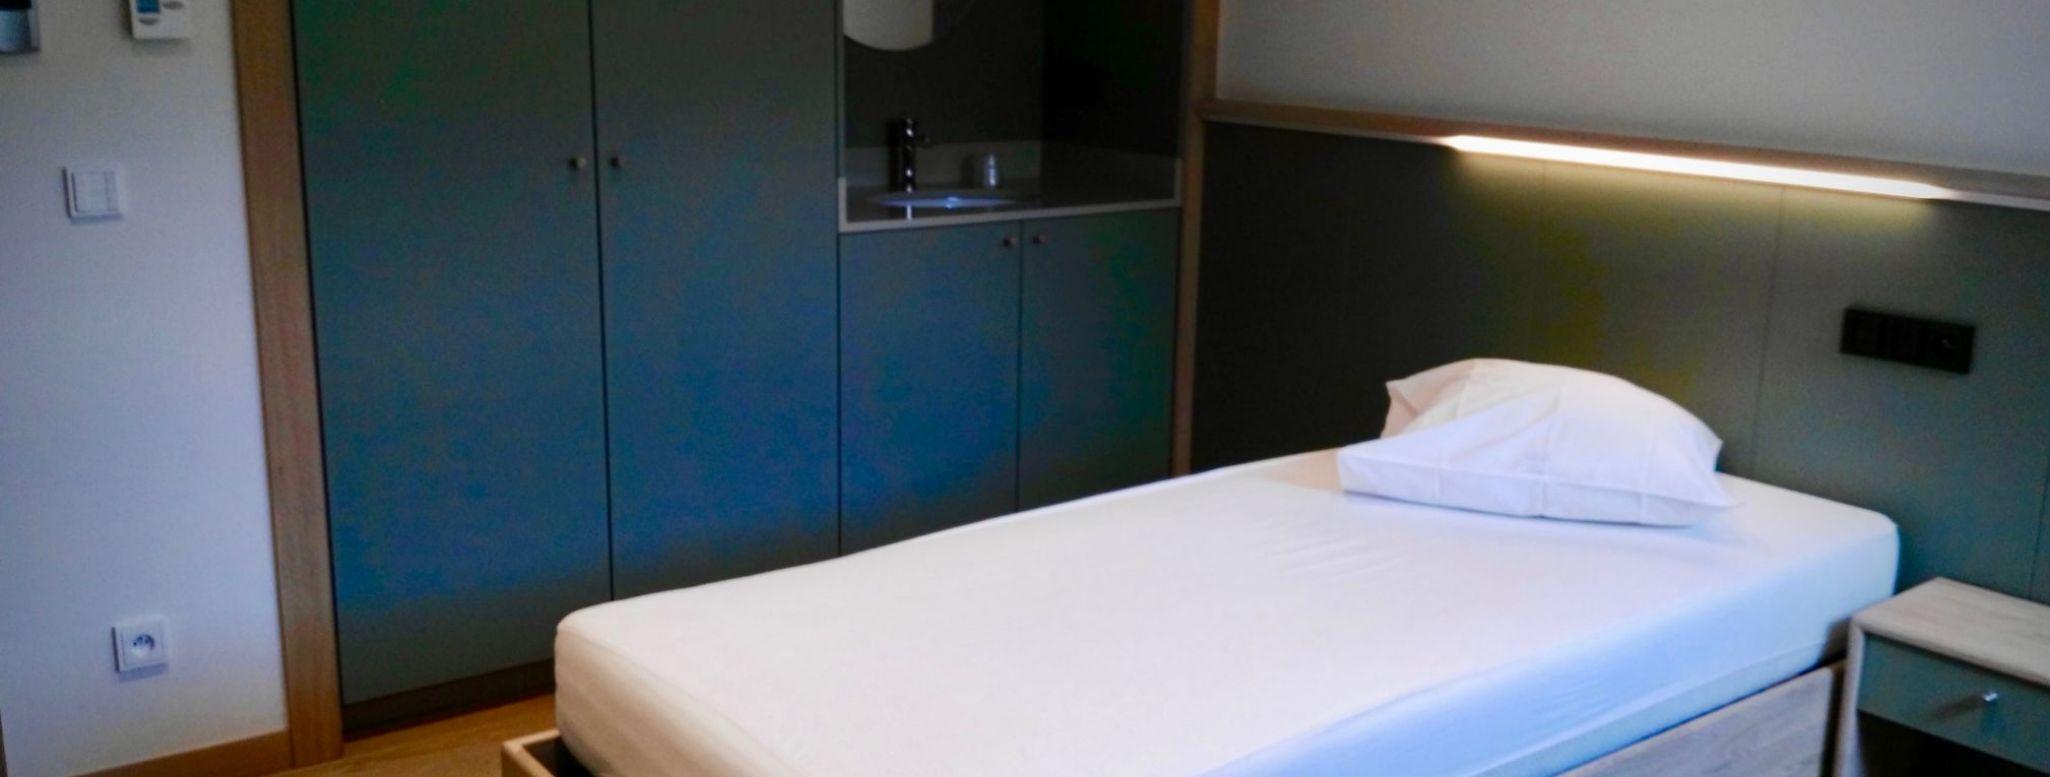 Chambres à un lit sans cabinet de toilette